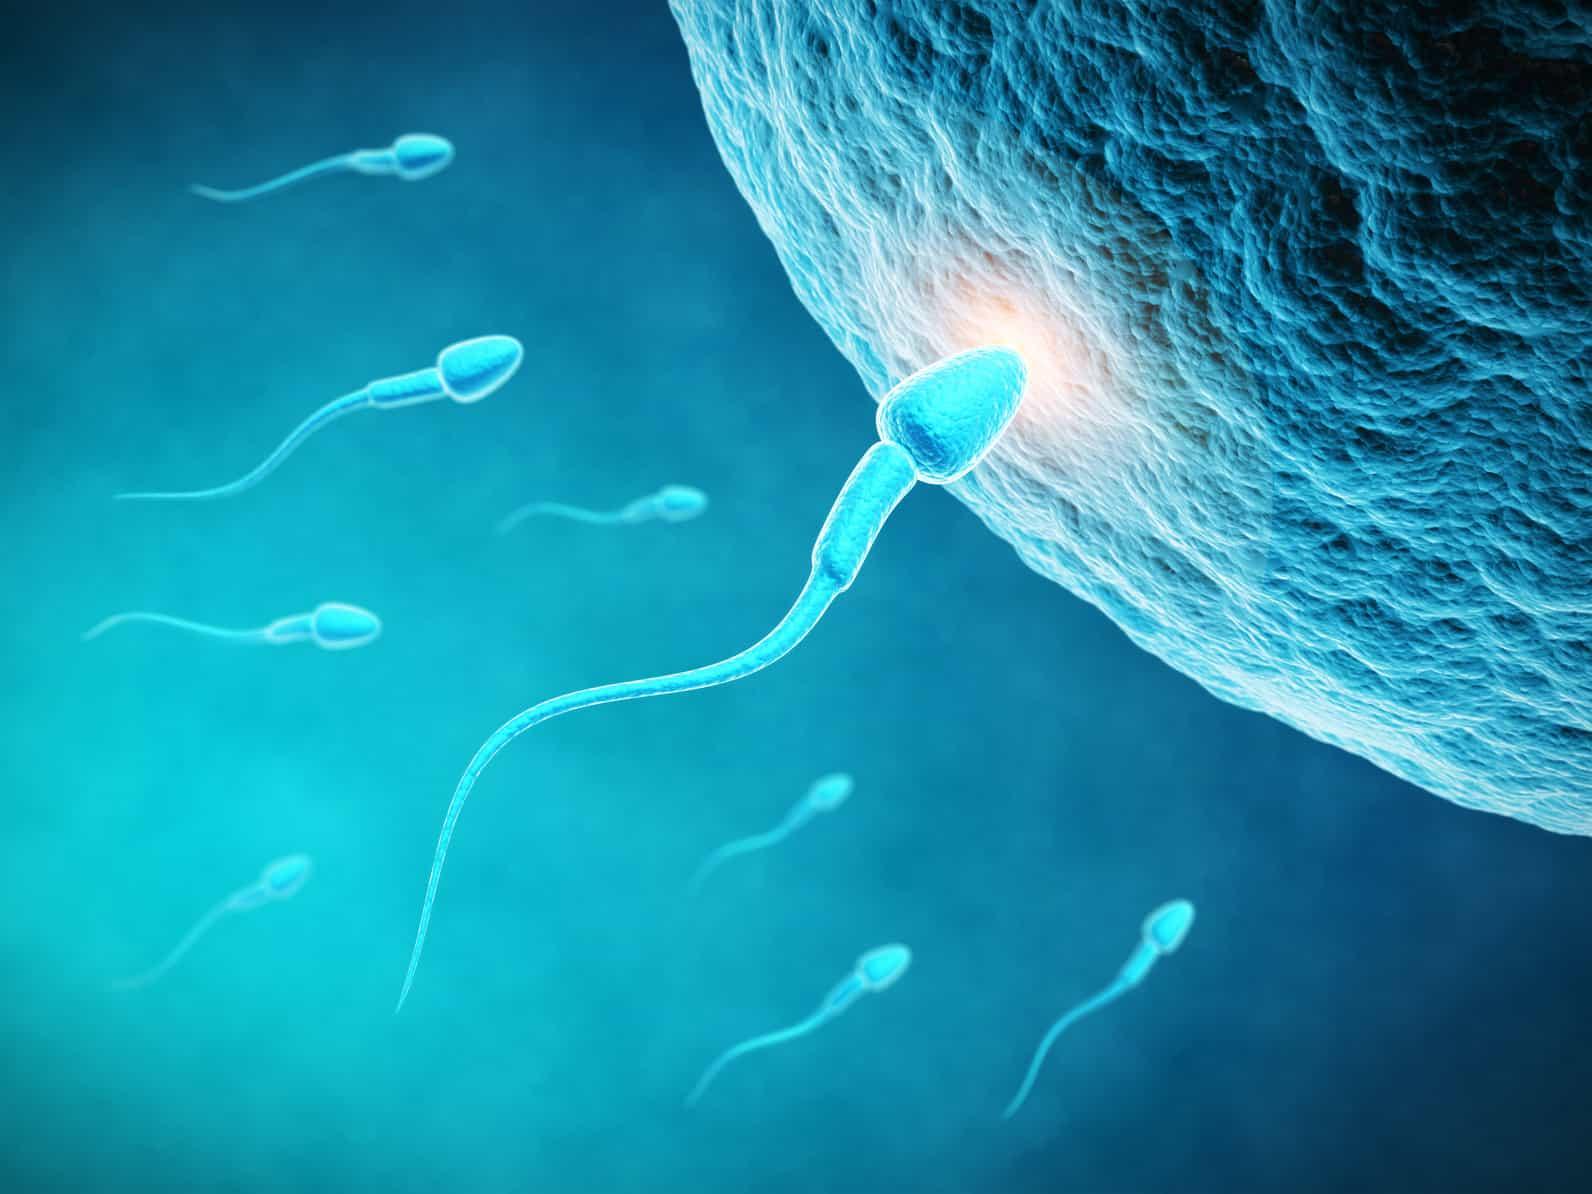 Nghiên cứu chữa bệnh vô sinh bằng tinh trùng nhân tạo